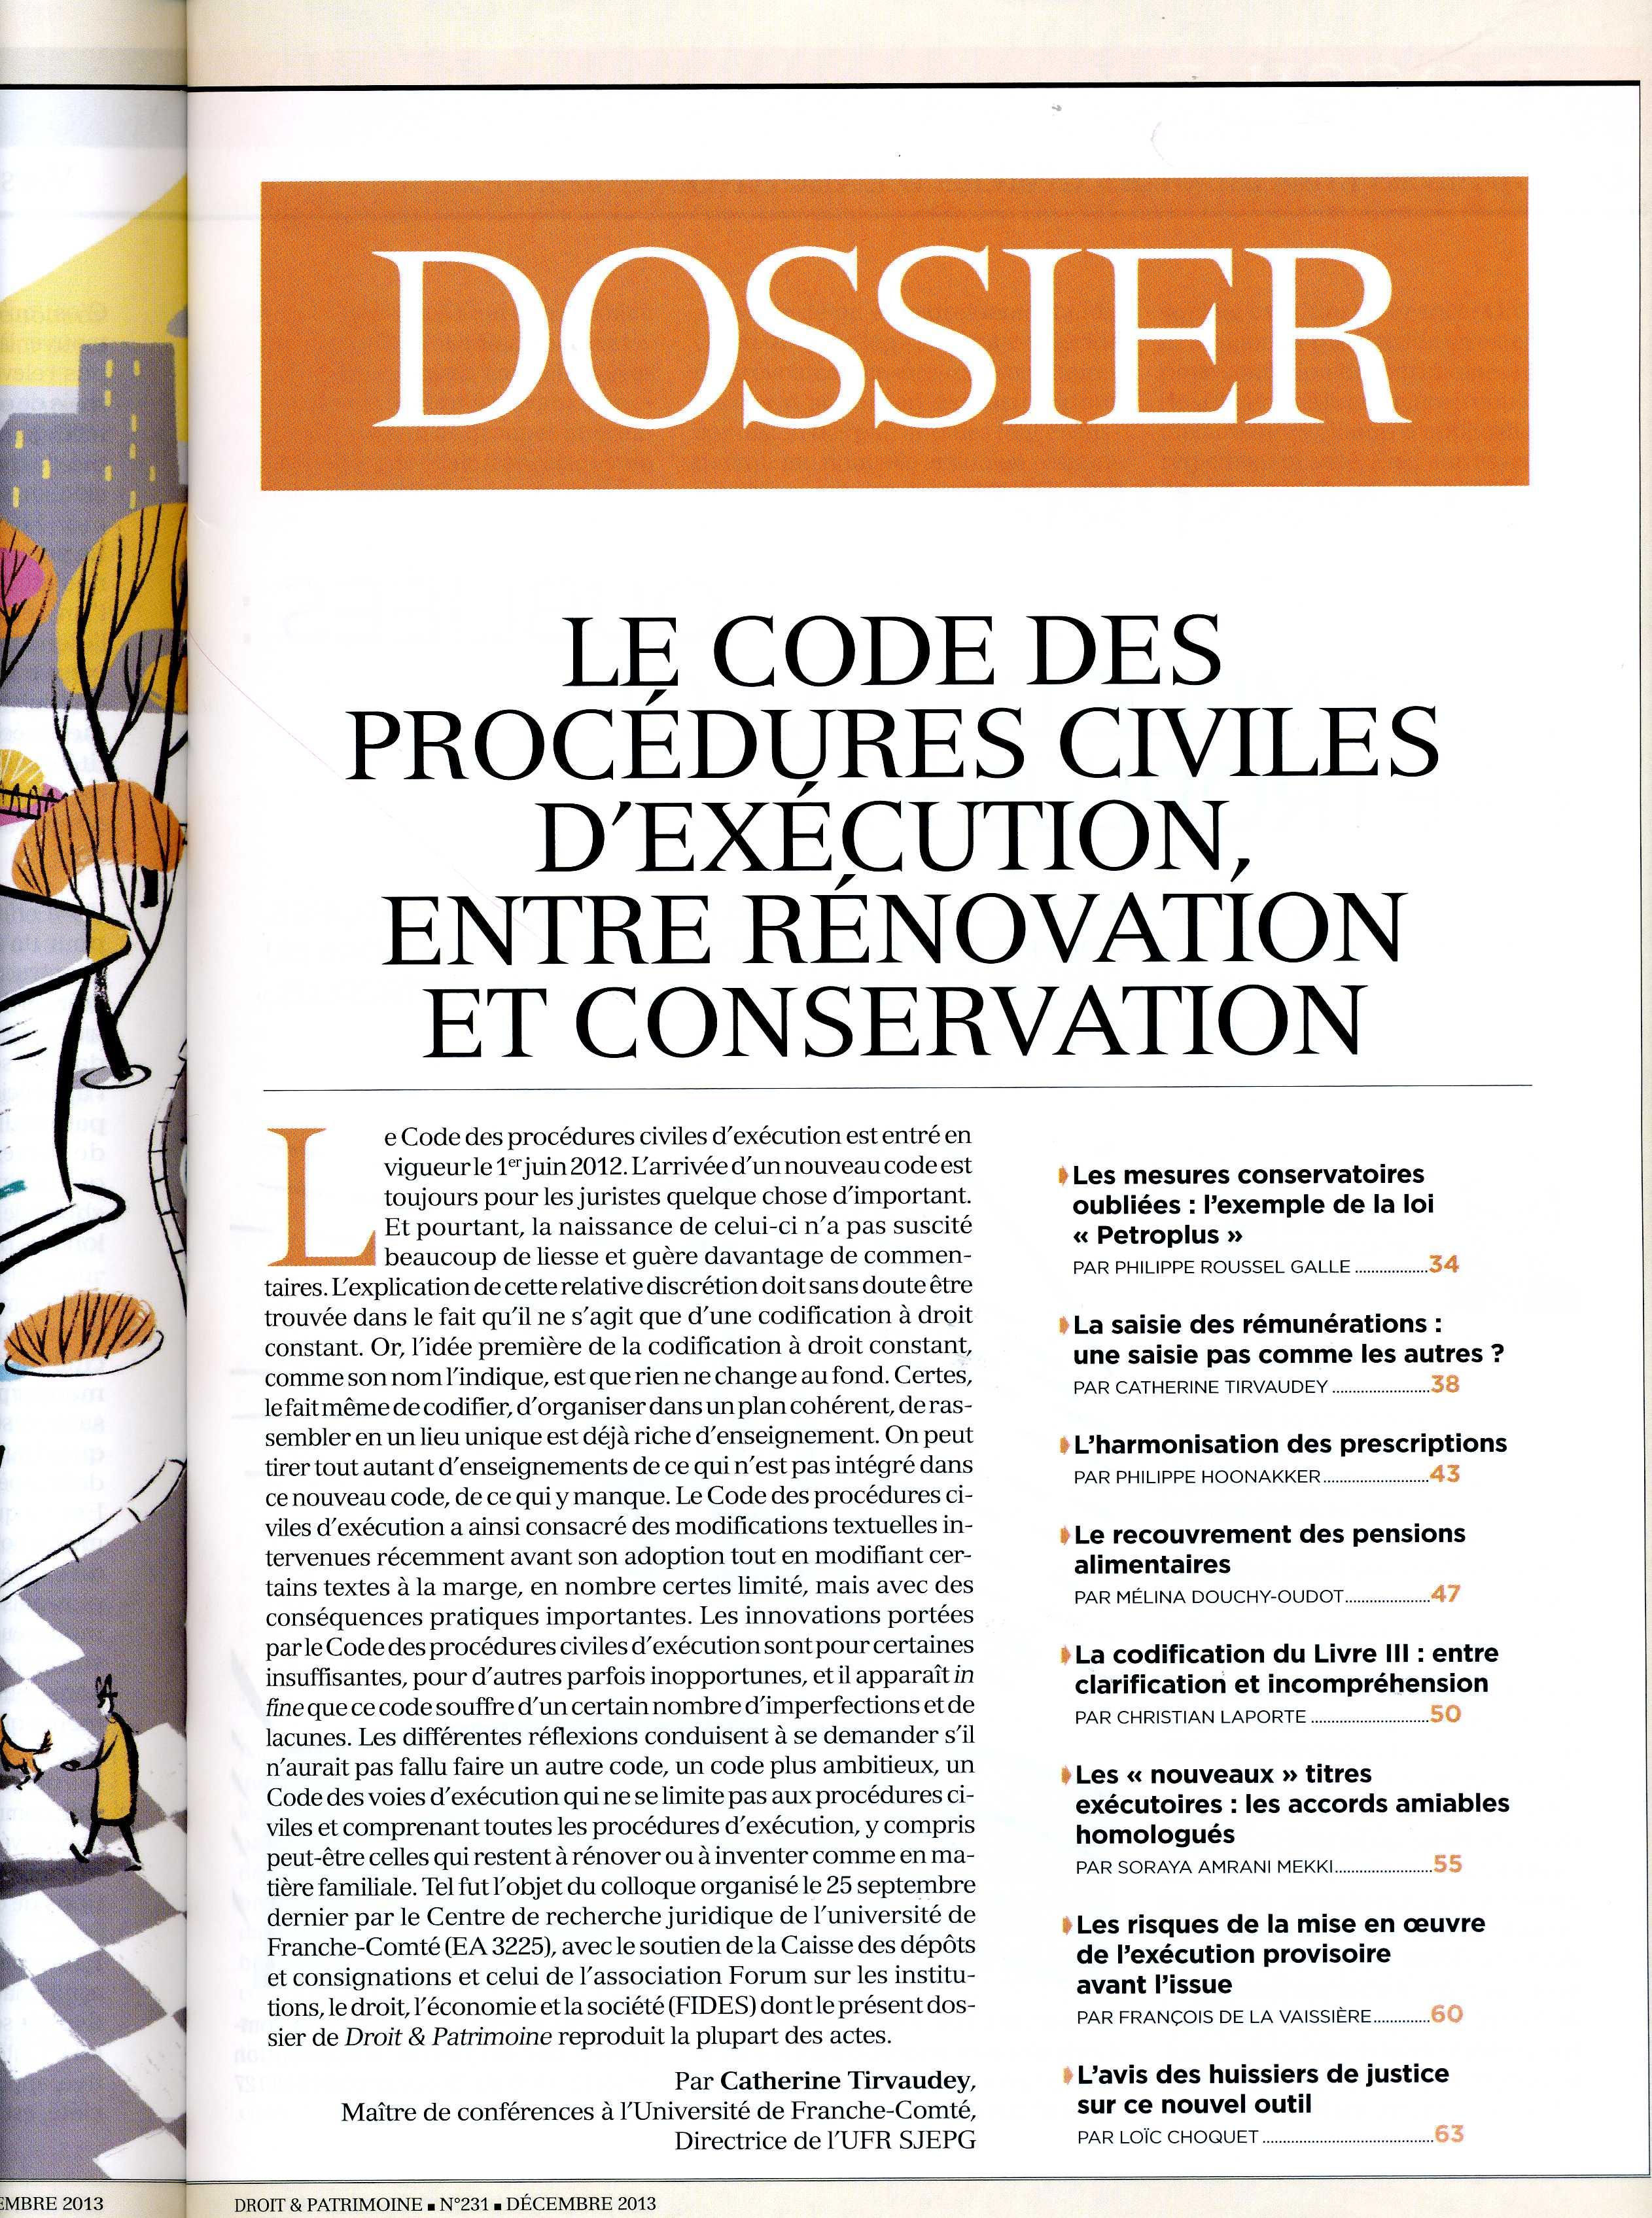 Dossier concernant le colloque de Mme TIRVAUDEY de l'Université de Franche Comté sur le Code des Procédures Civiles d'exécution avec le soutien financier de l'Association FIDES de Monsieur Bertrand Du MARAIS.